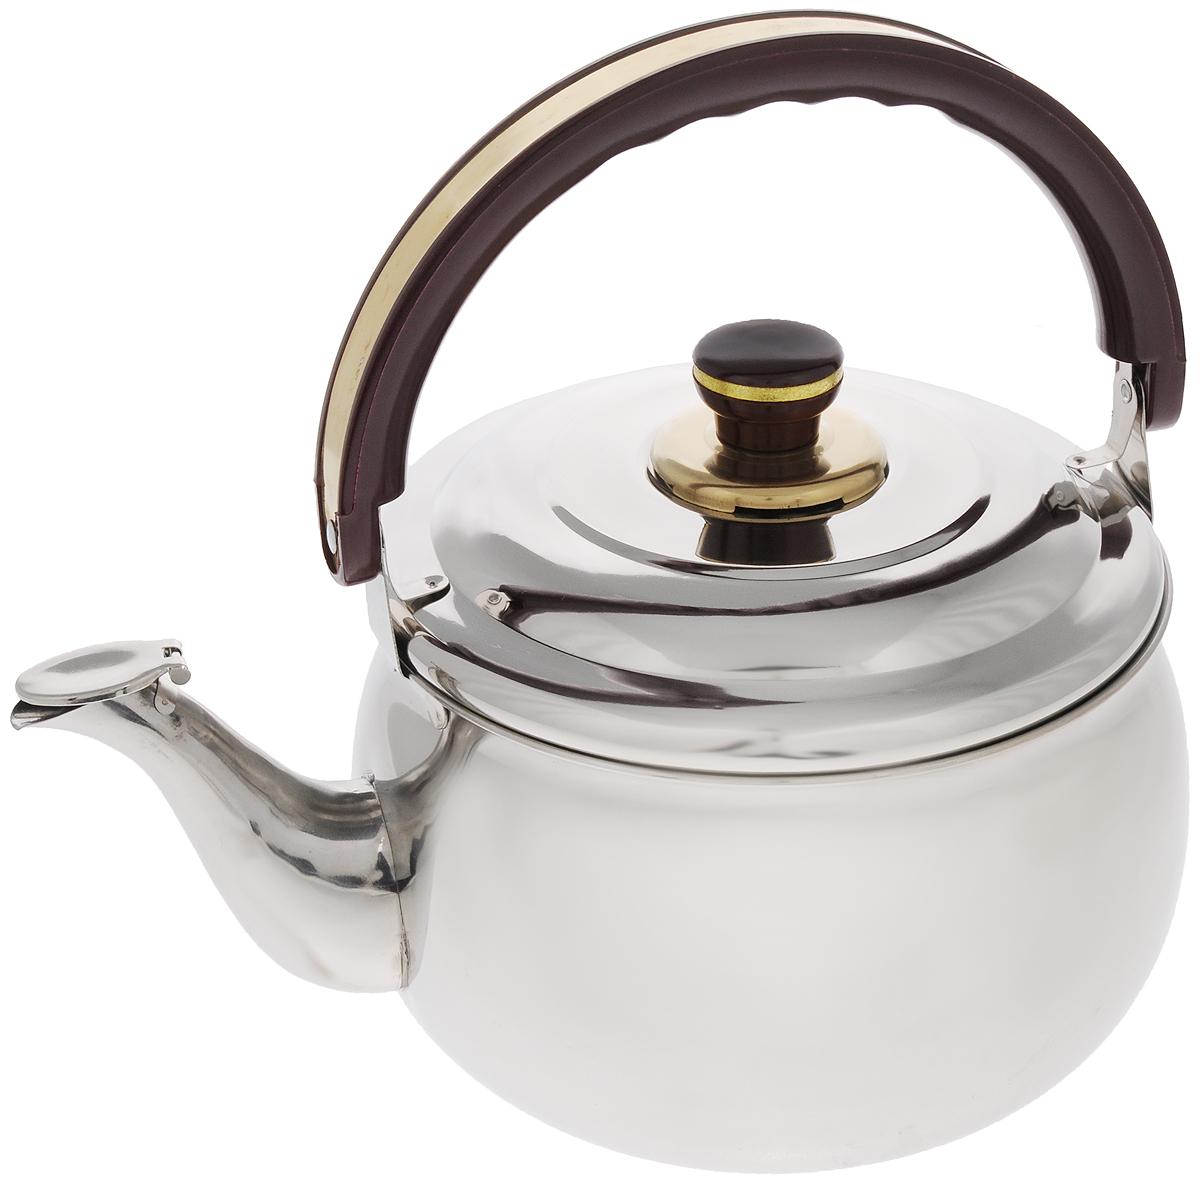 Чайник Mayer & Boch, со свистком, 5 л. 77587758Чайник Mayer & Boch изготовлен из высококачественной нержавеющей стали с зеркальной полировкой. Крышка чайника оснащена свистком, что позволит контролировать процесс подогрева или кипячения воды. Подвижная бакелитовая ручка имеет эргономичную форму, обеспечивая дополнительное удобство при разлитии напитка. Широкое верхнее отверстие позволит удобно налить воду. Чайник подходит для электрических, газовых, стеклокерамических и индукционных плит. Можно мыть в посудомоечной машине. Диаметр чайника по верхнему краю: 20,5 см. Диаметр основания: 16,5 см. Высота чайника (без учета ручки и крышки): 13,5 см. Высота чайника (с учетом ручки и крышки): 28,5 см.